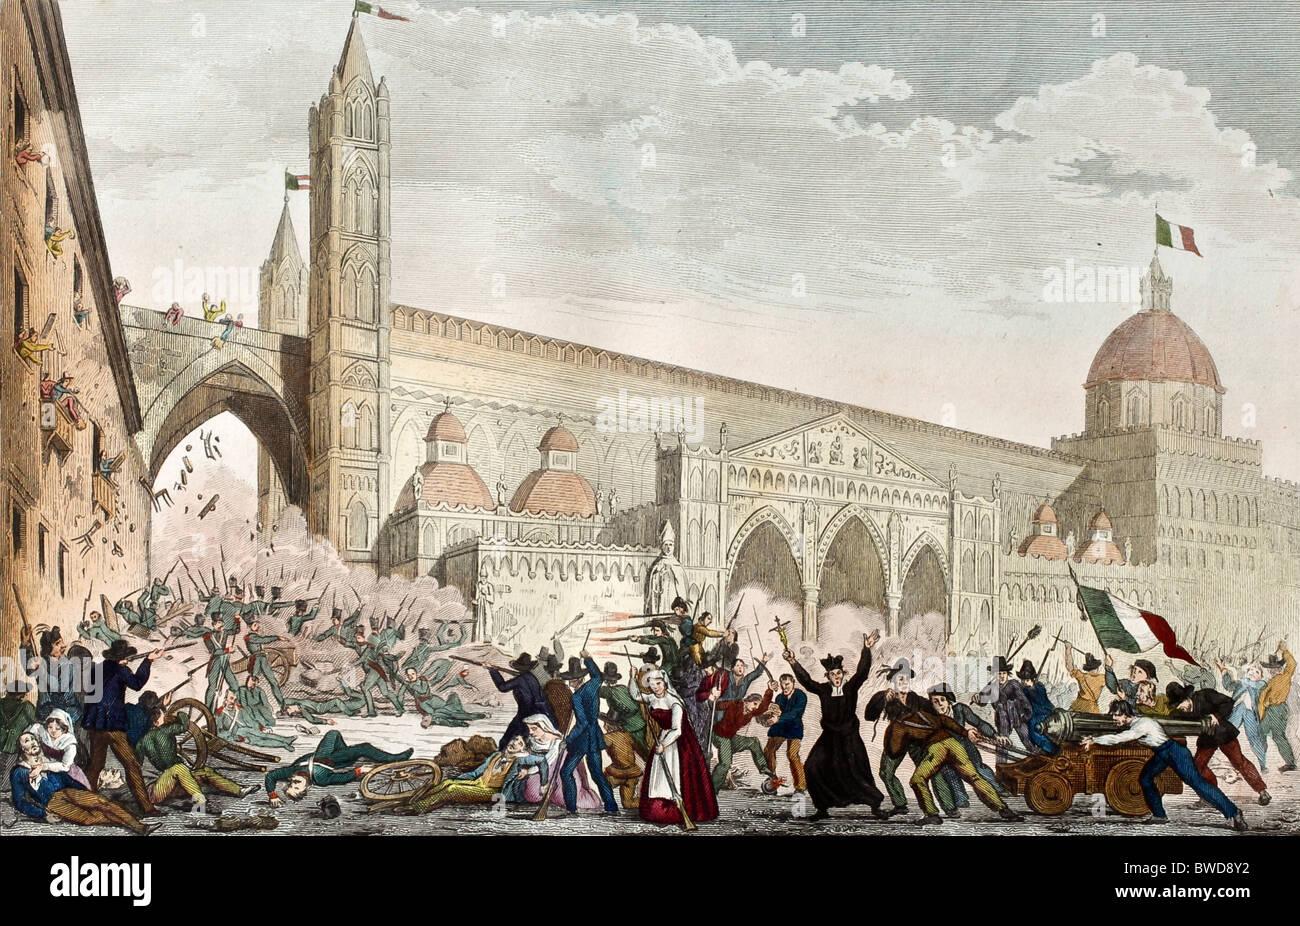 Antica incisione che mostra la battaglia di fronte la Cattedrale di Palermo durante la rivoluzione siciliana di indipendenza nel 1848 Foto stock - Alamy